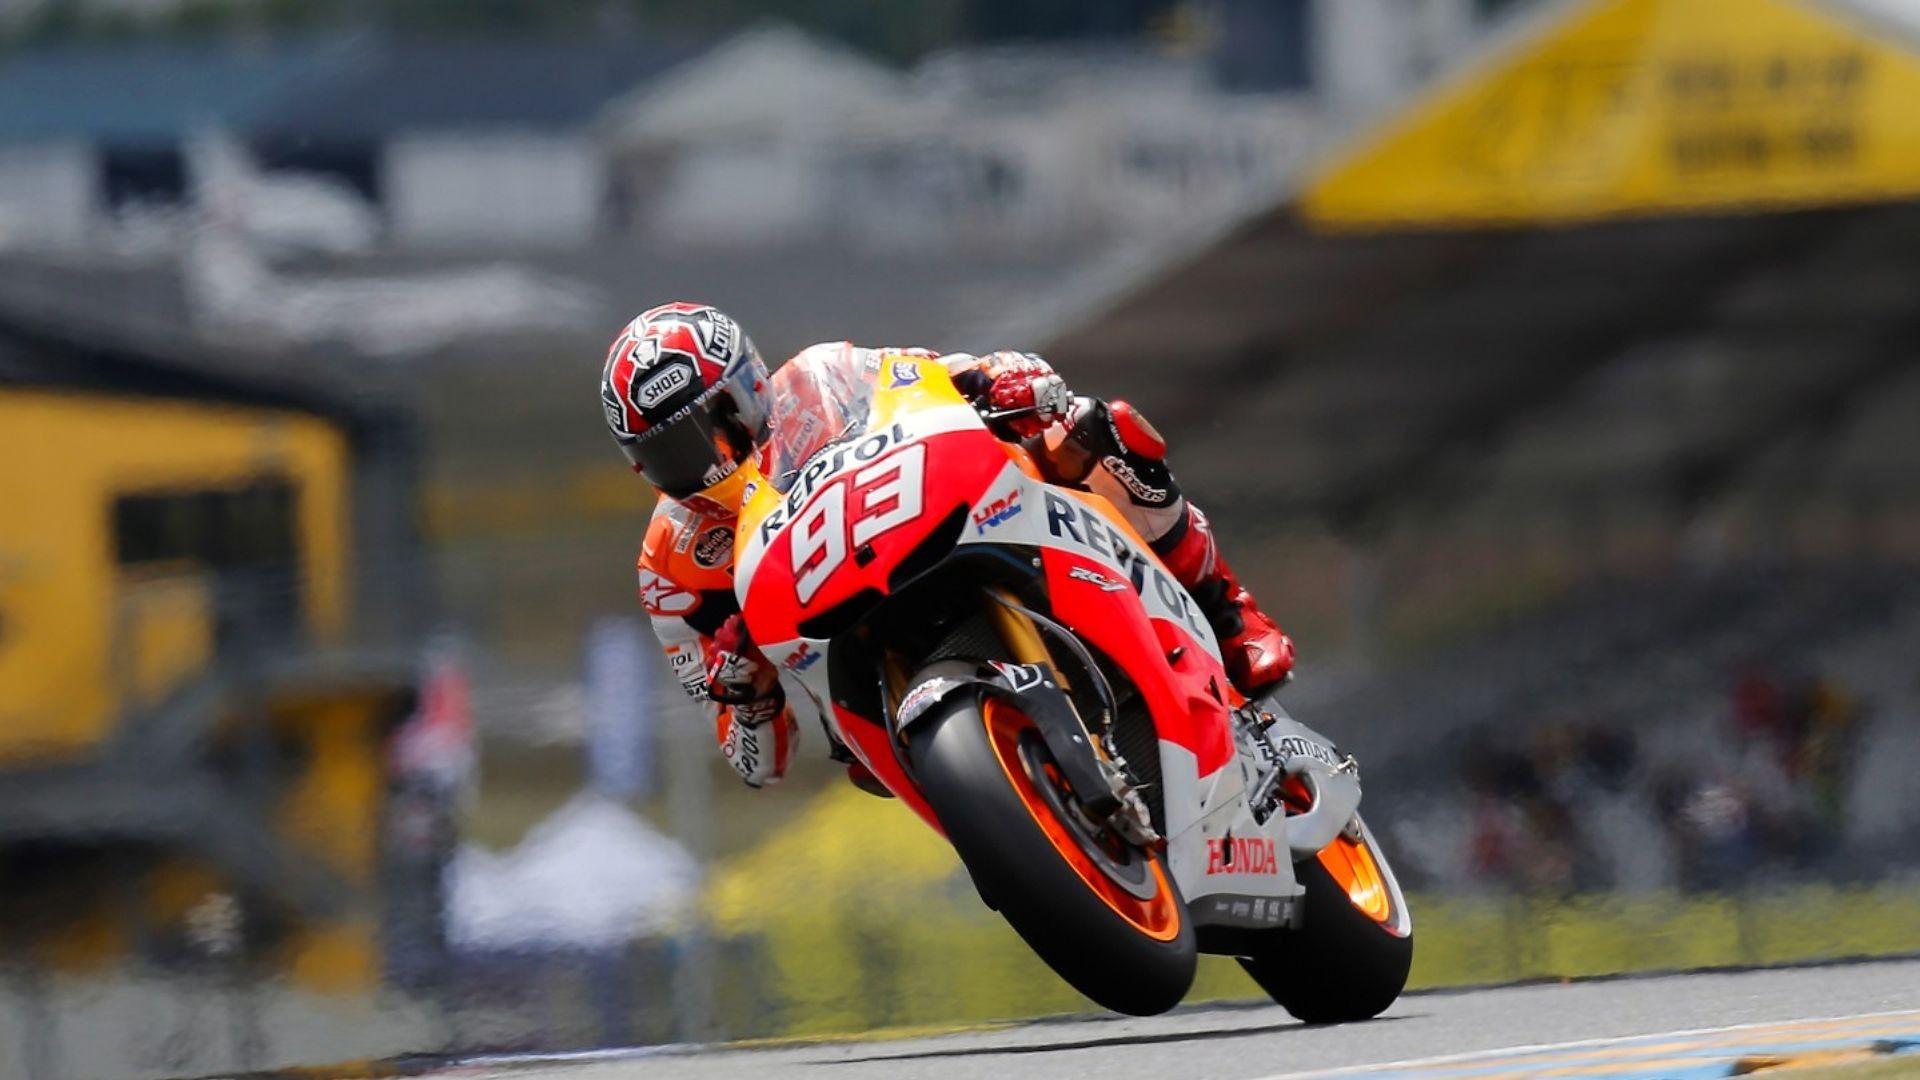 Live Wallpaper Hd Marc Marquez Motogp Racing Bikes